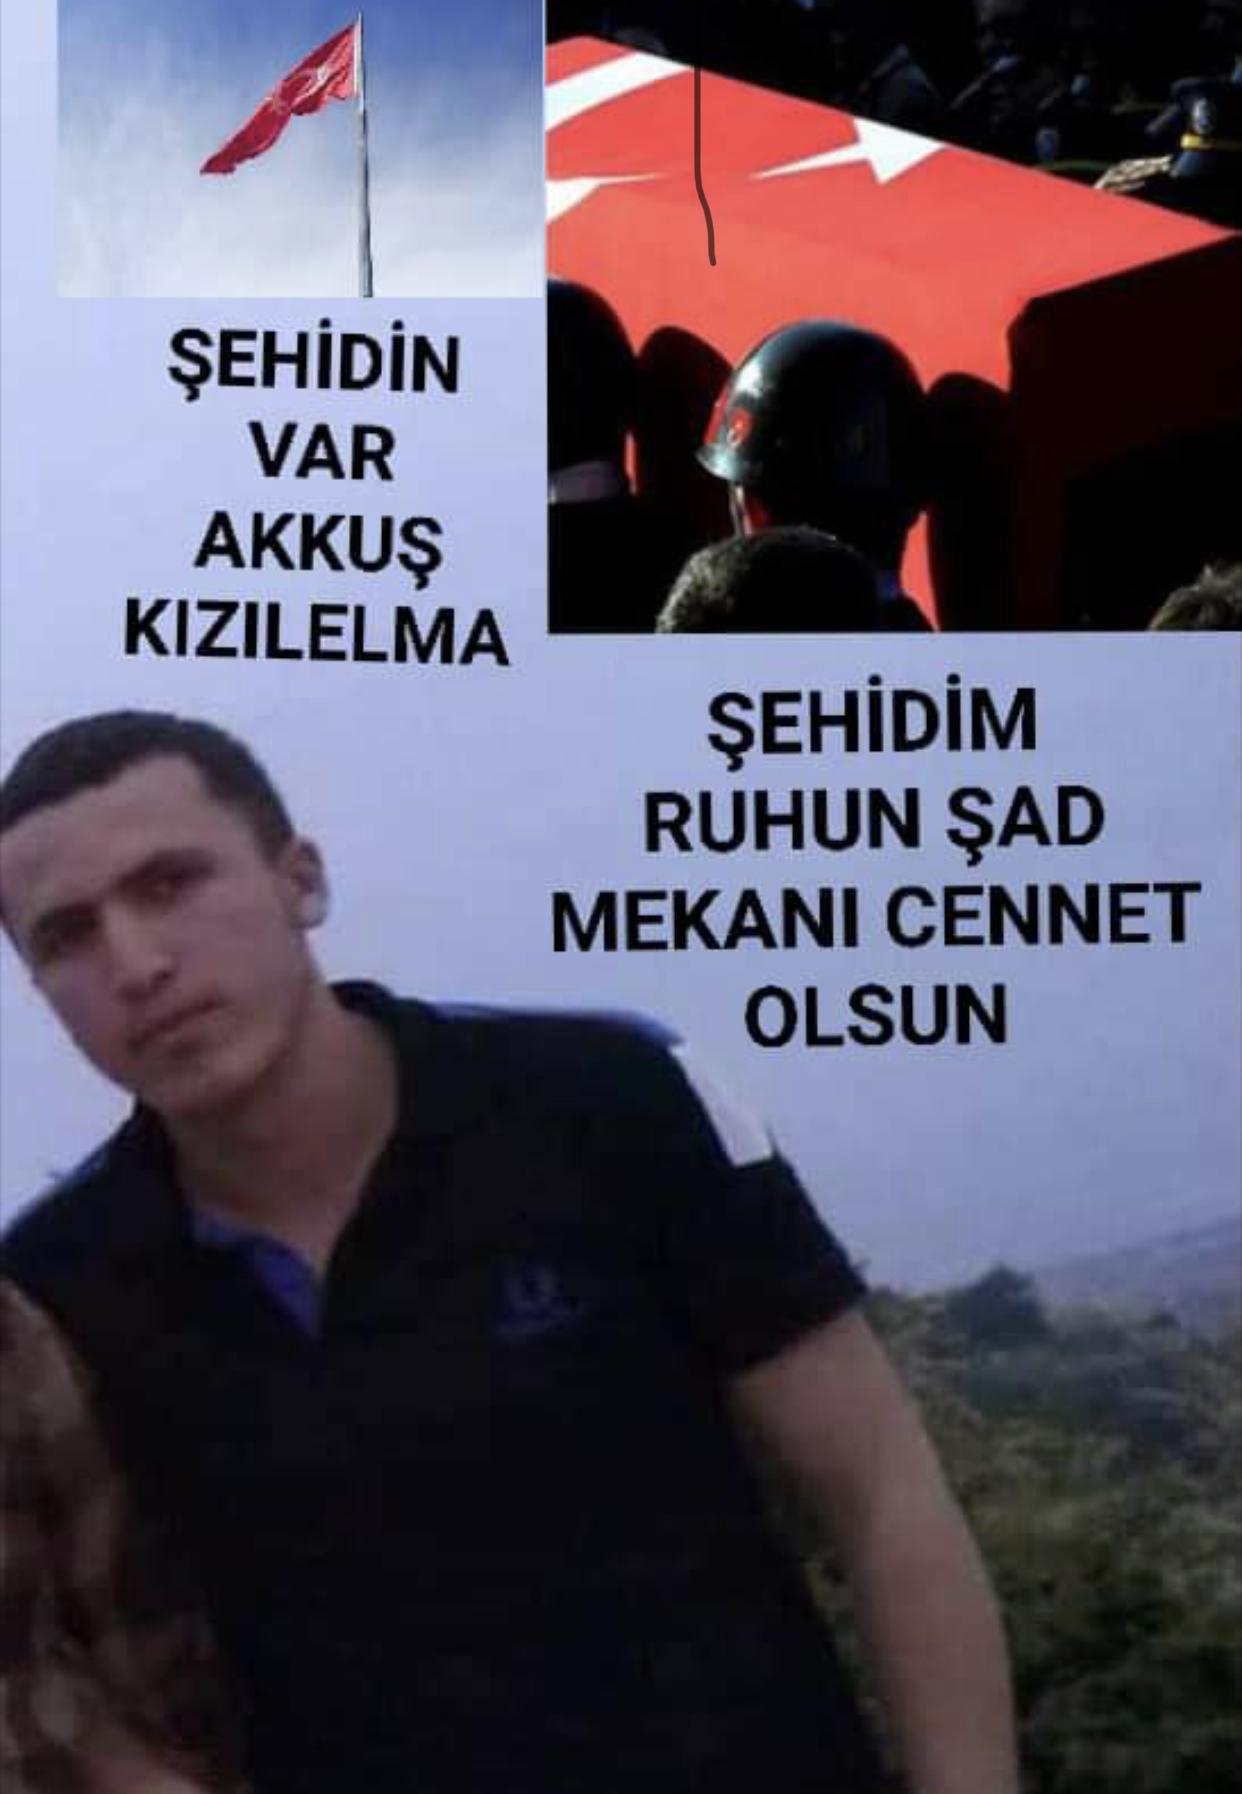 Akkuş İlçesi Kızılelma Mahallesinden Sözleşmeli Er Ramazan ELMAS Şehit Düştü